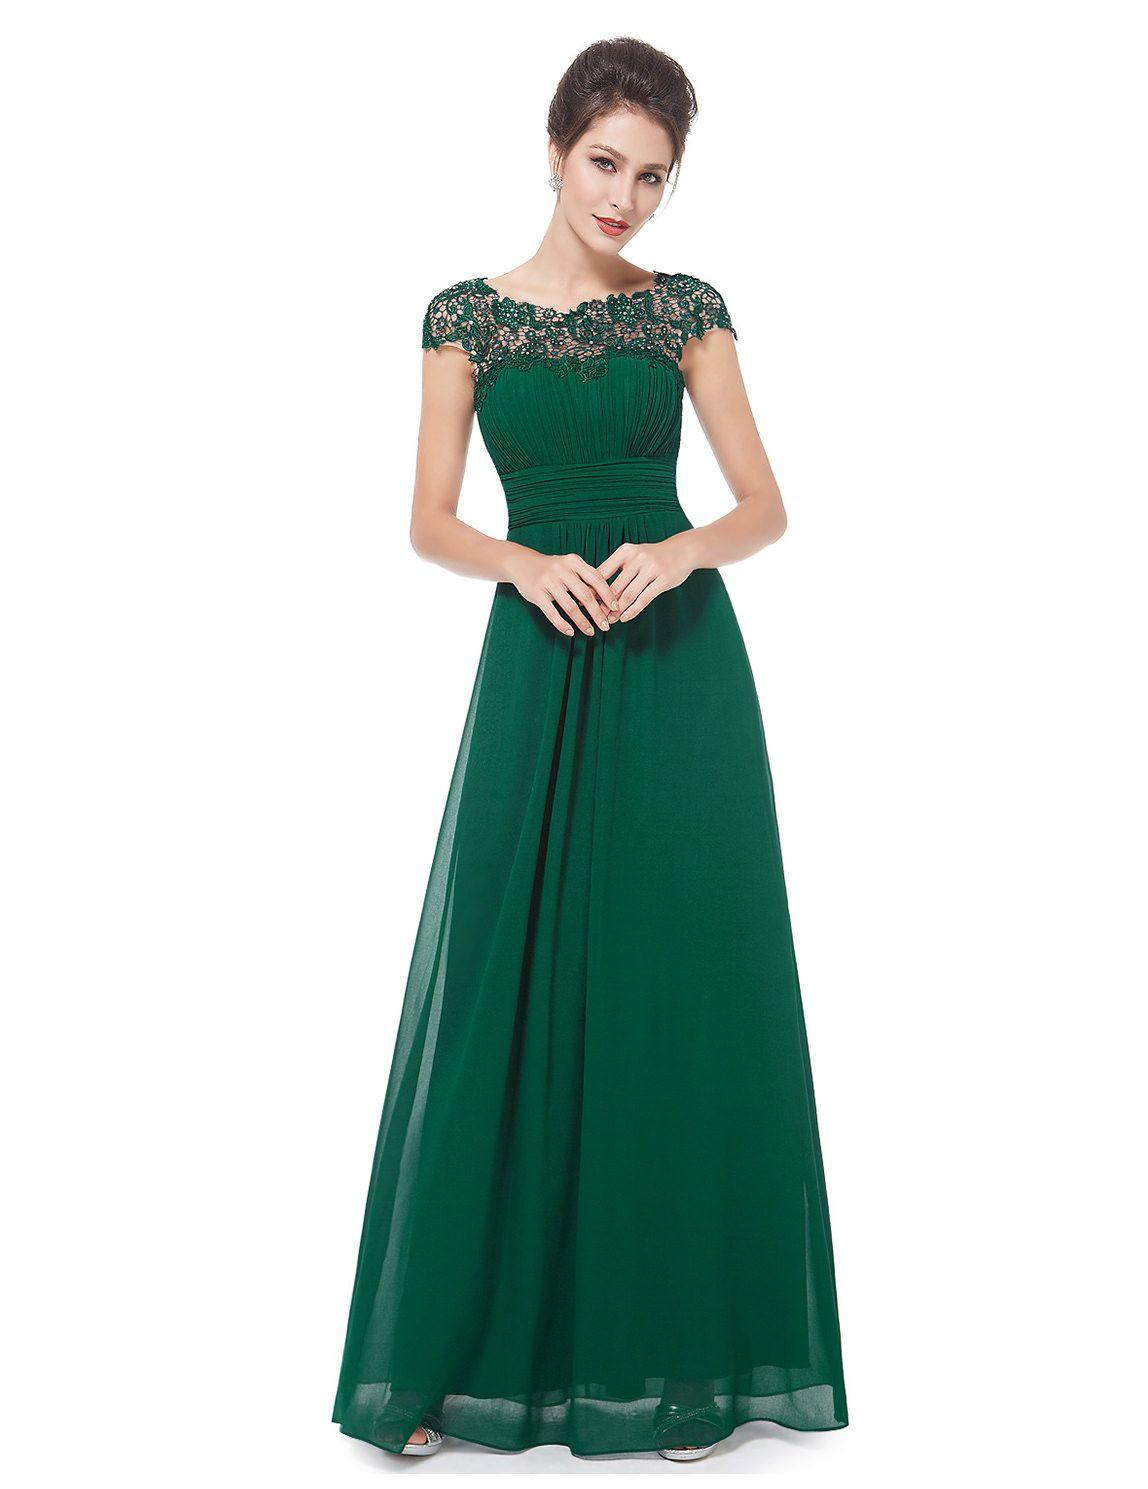 15 Genial Olivgrünes Abendkleid GalerieFormal Coolste Olivgrünes Abendkleid Stylish